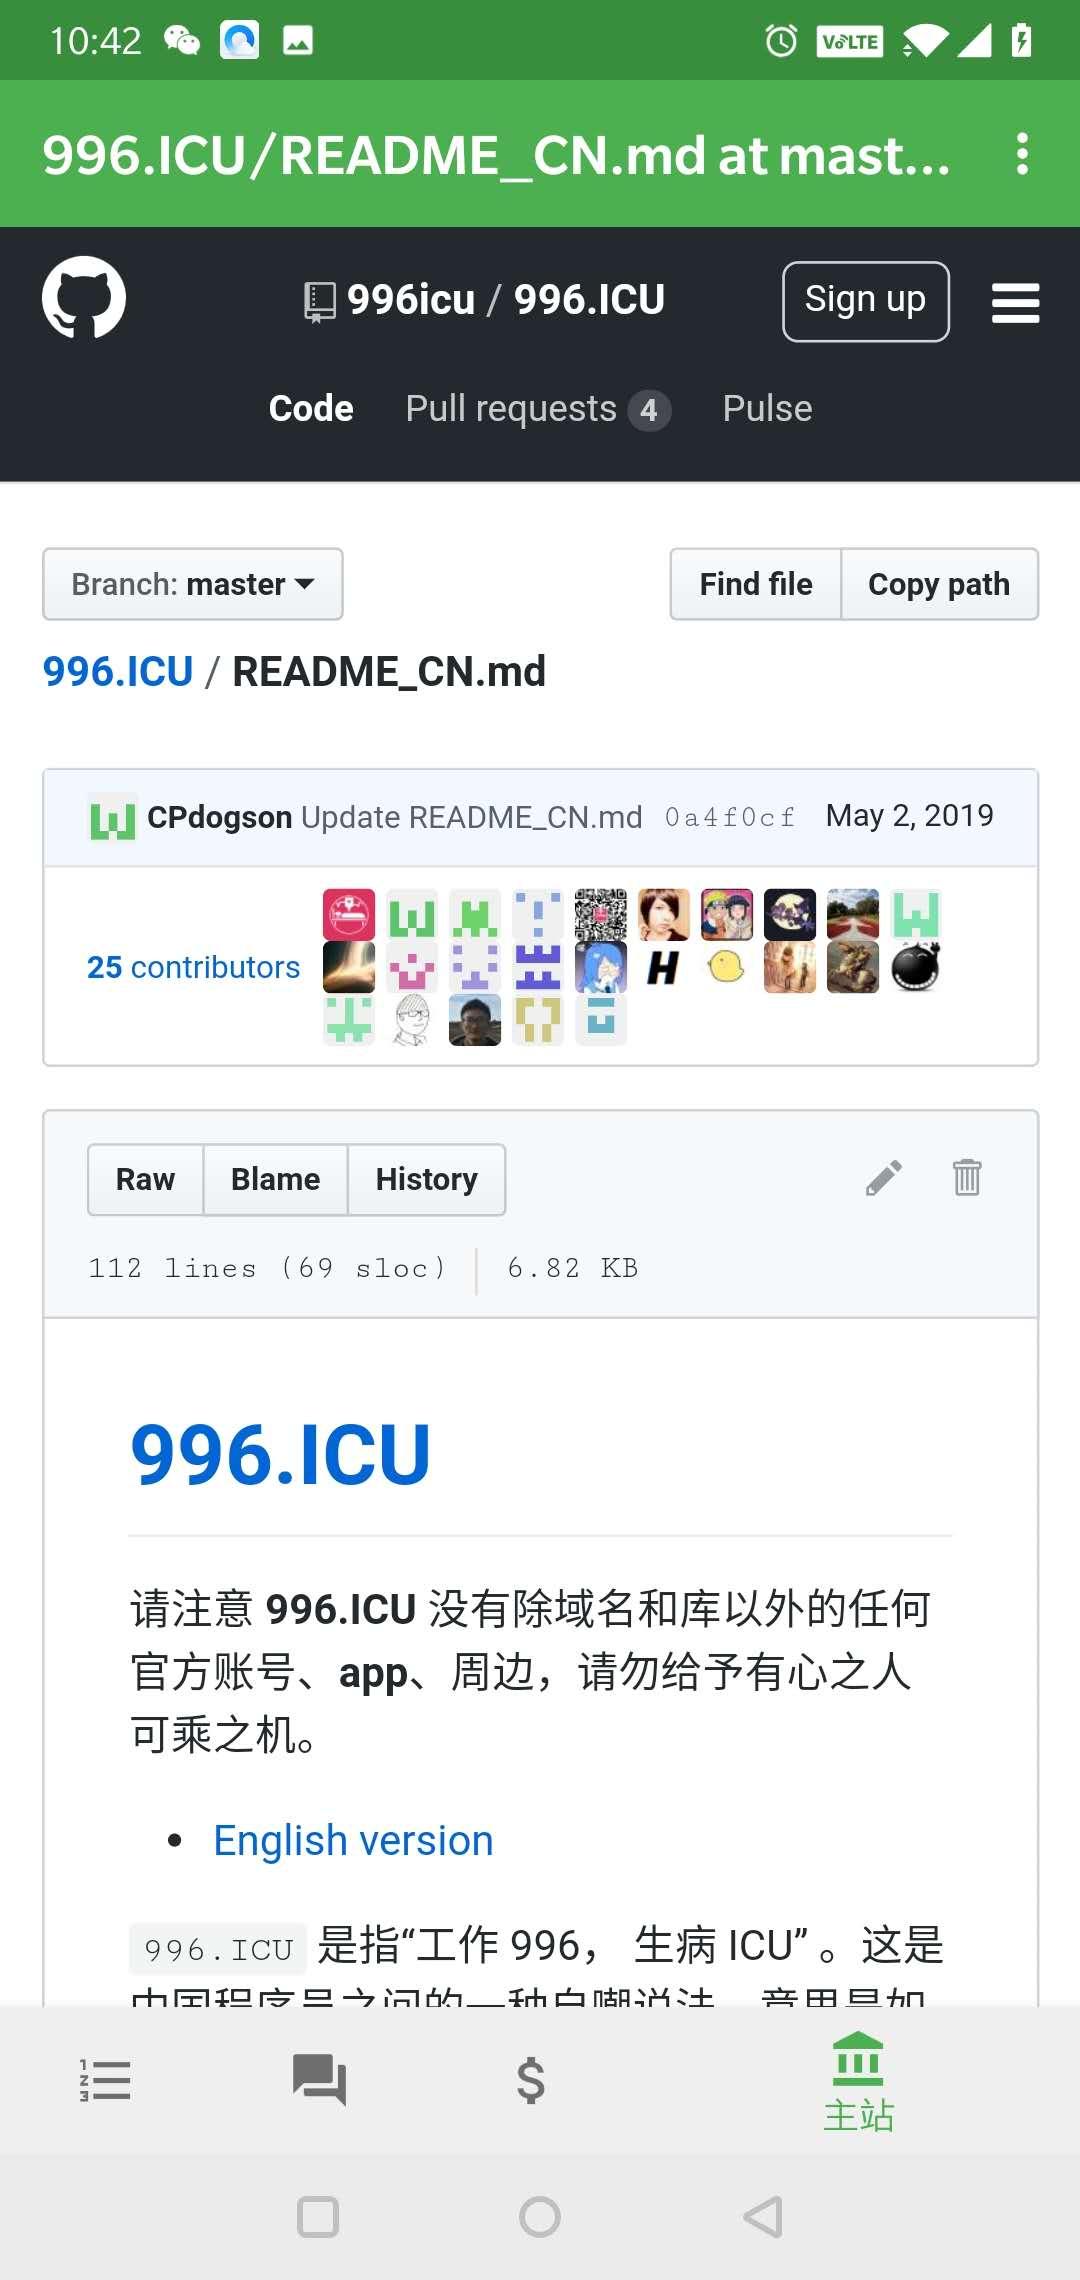 【资源分享】996ICU-爱小助